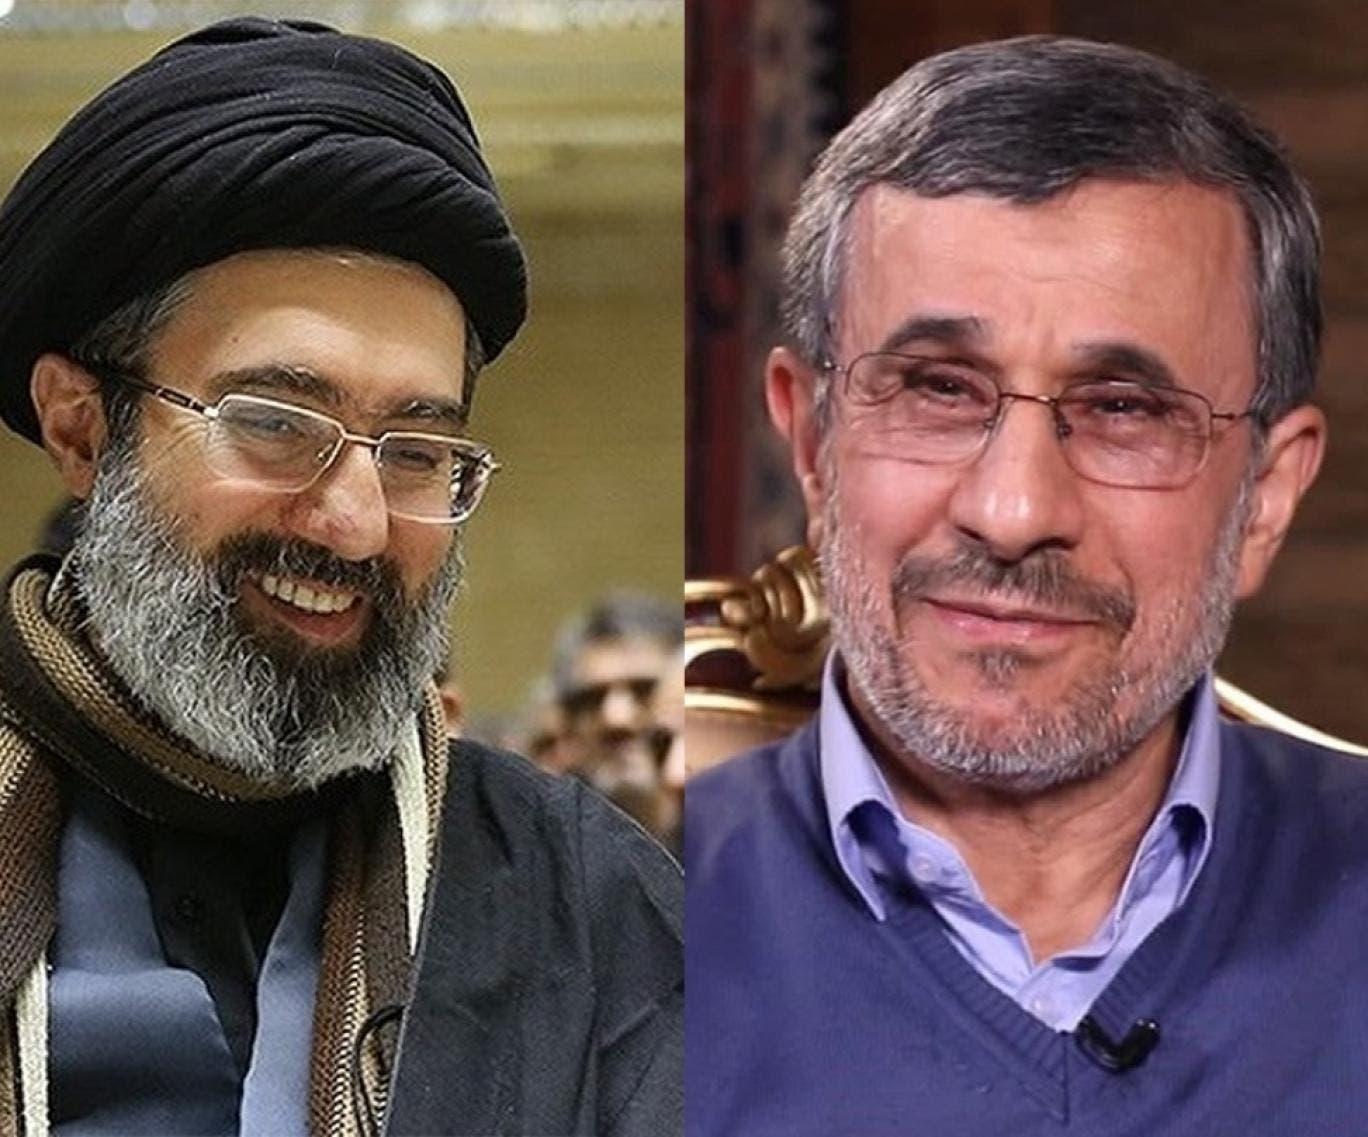 أحمدي نجاد ومجتبى خامنئي